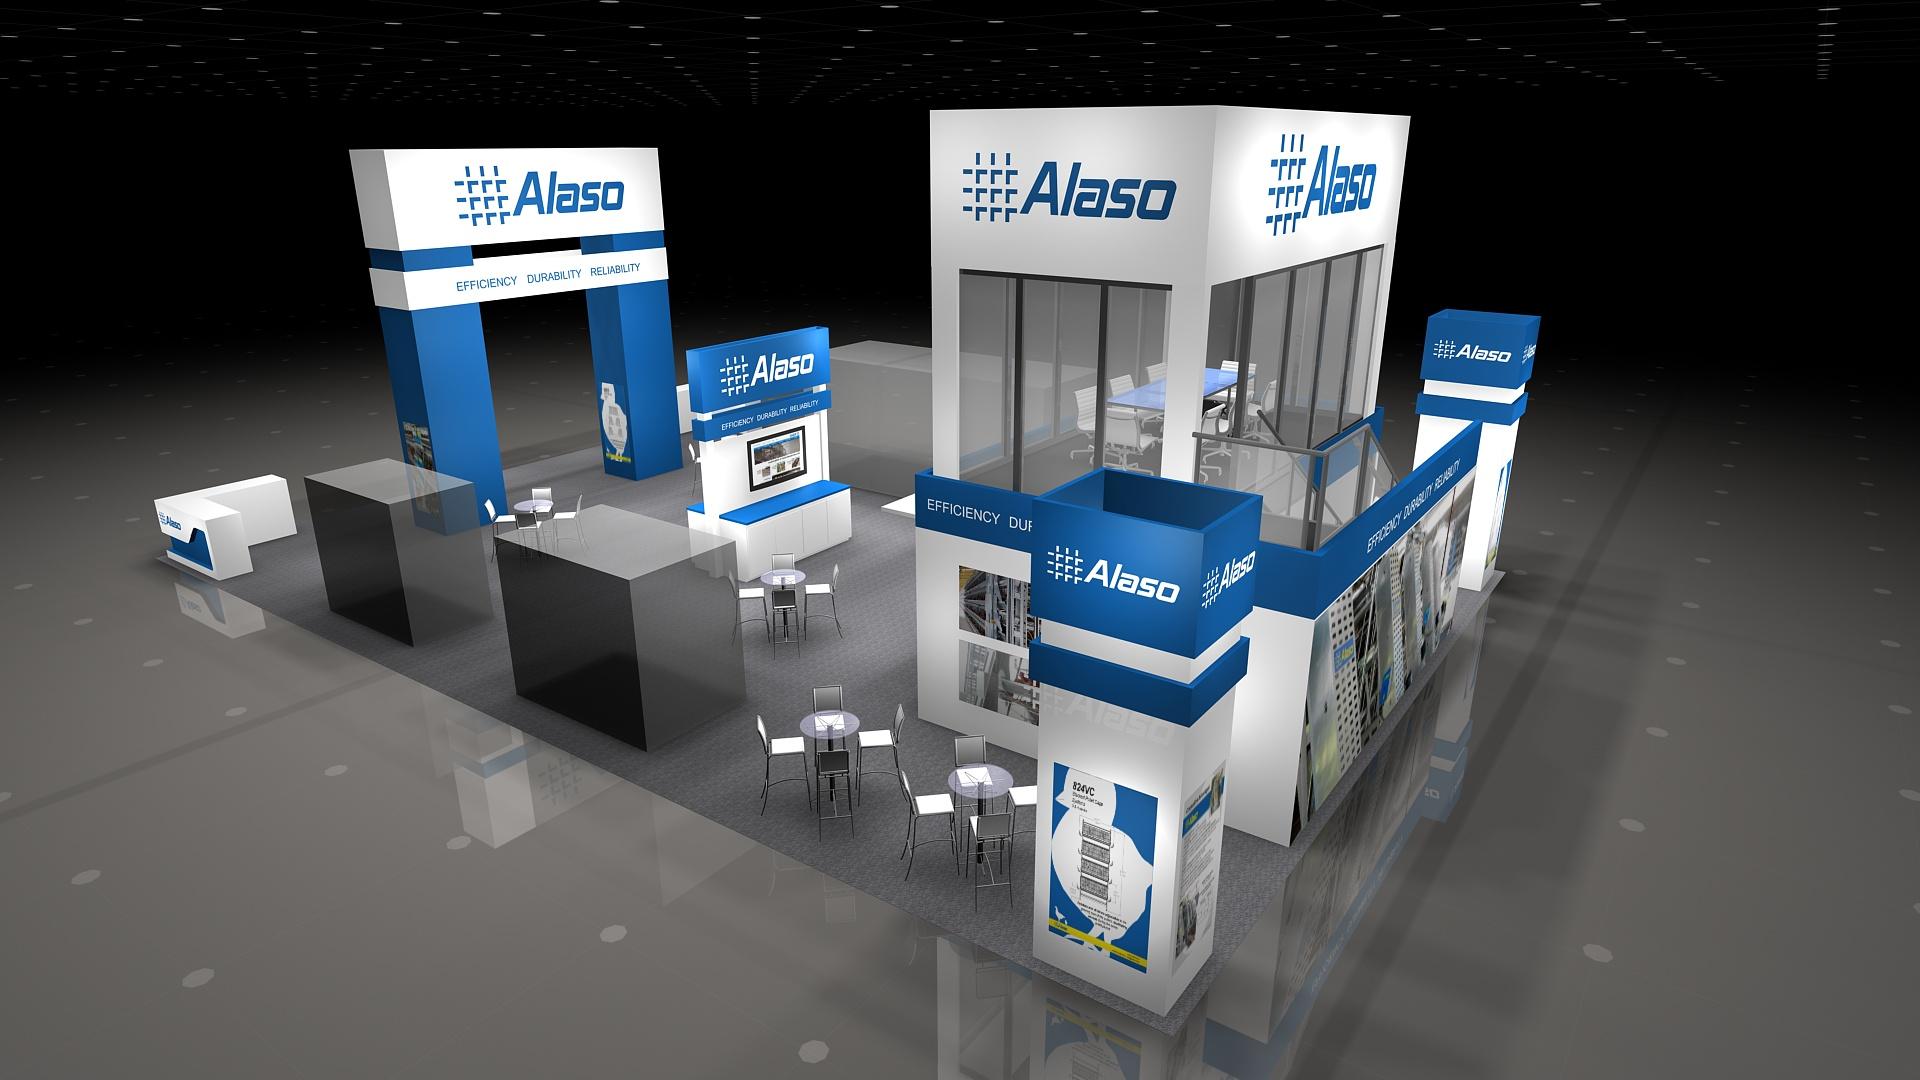 Alaso - Birdseye View